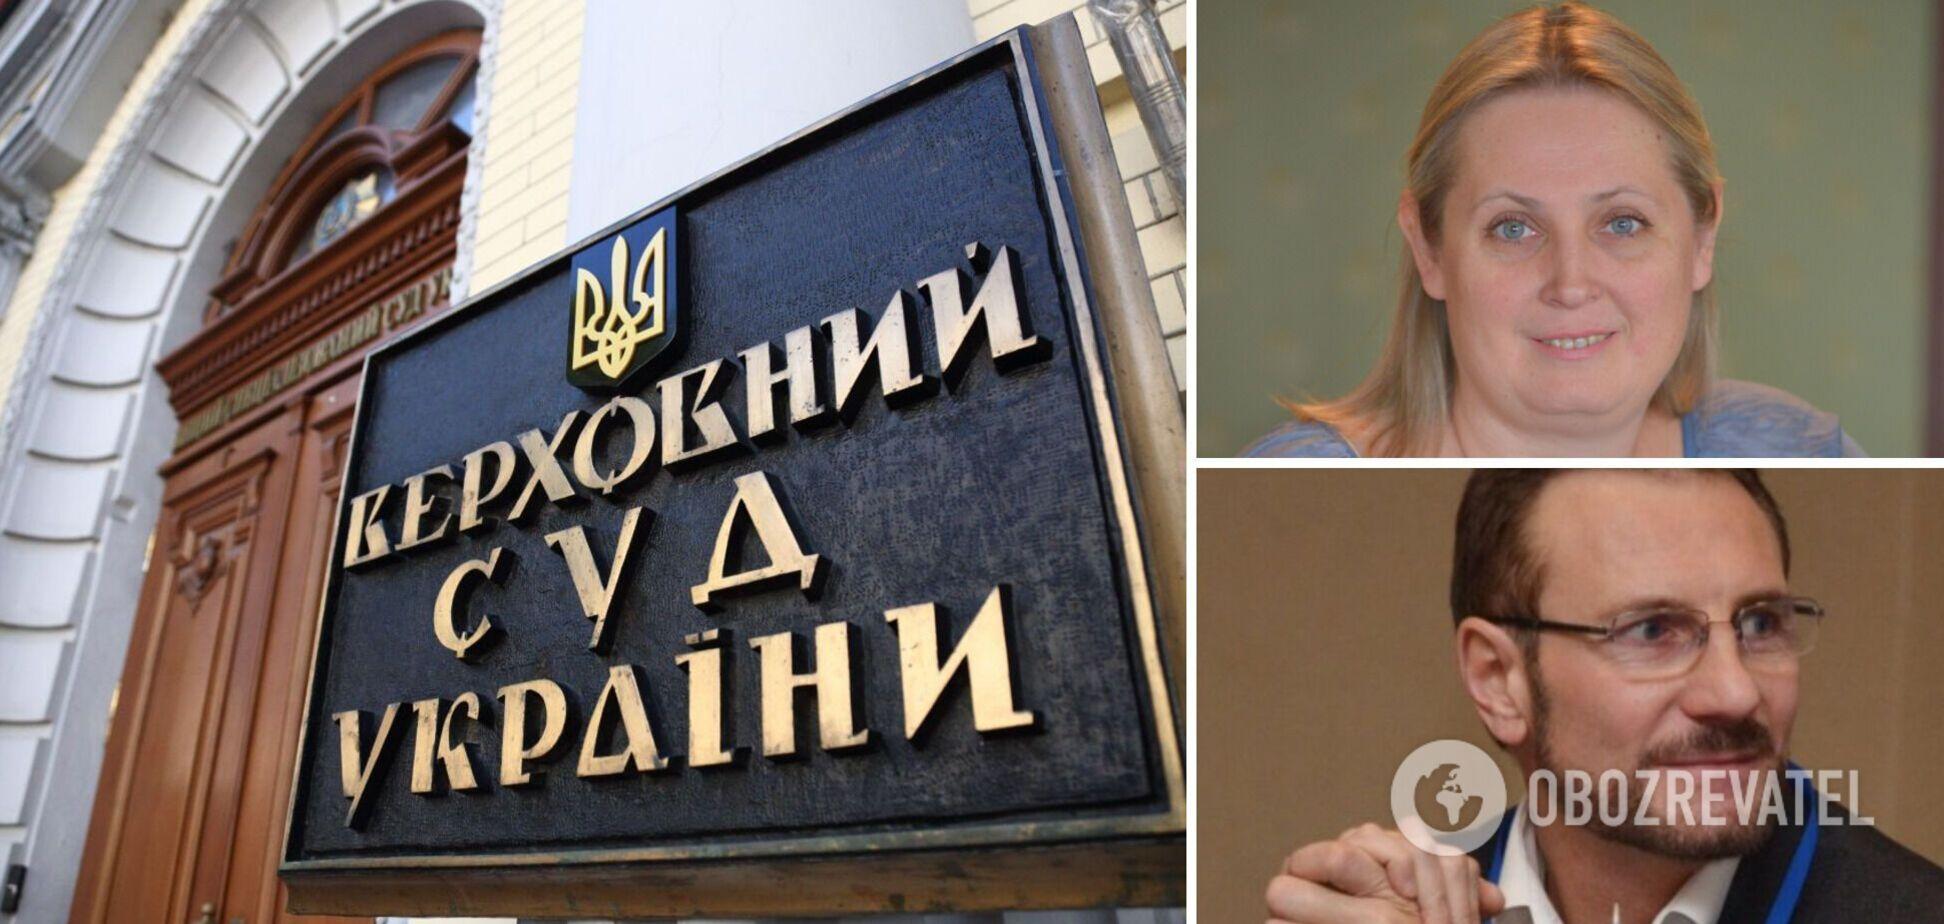 Зеленский назначил двух новых судей Верховного суда. Фото и биографии